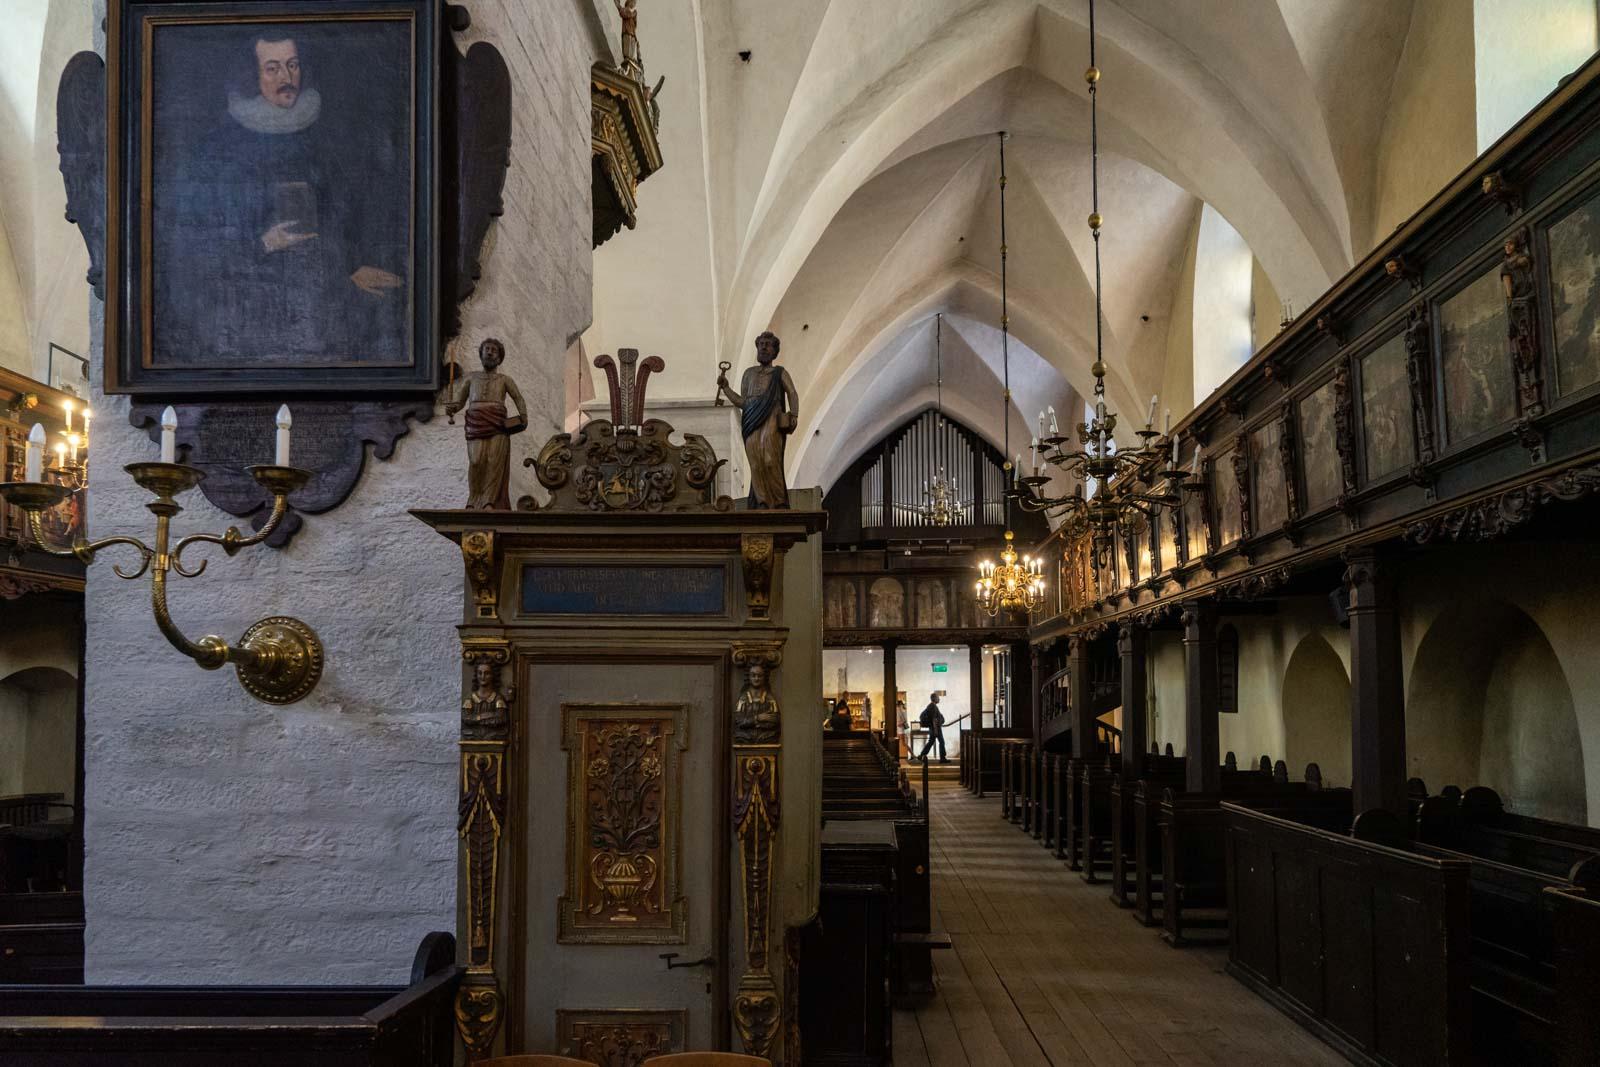 Holy Spirit Church, Tallinn, Estonia